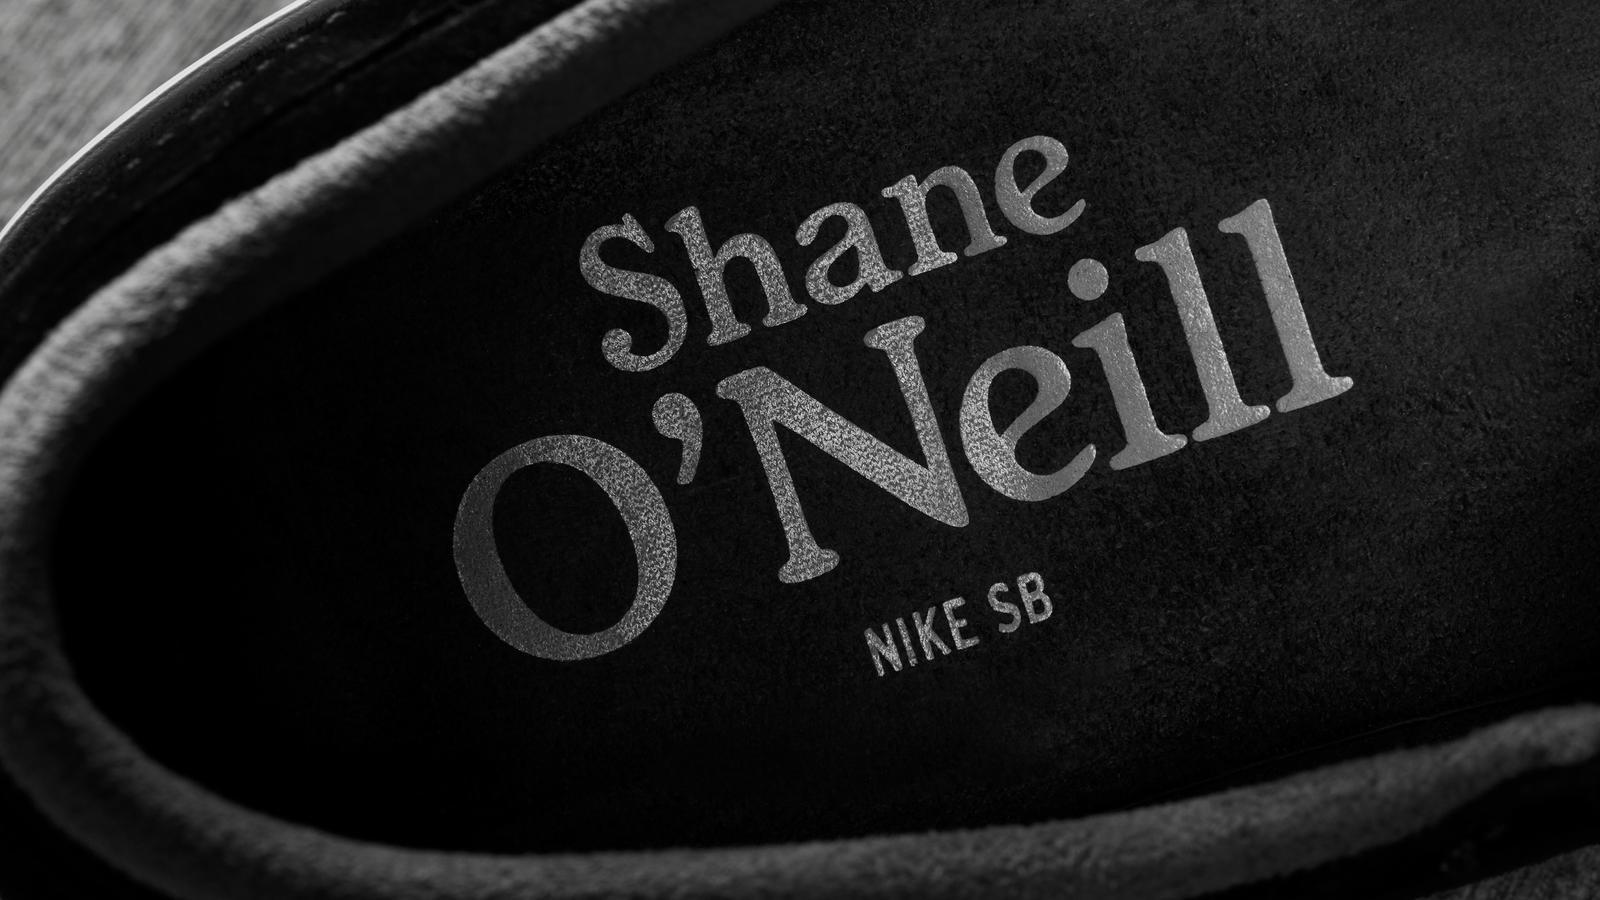 Shane O Neill lança pro-model e novo vídeo pela Nike SB - Skate Blog ... 3dbca624f15